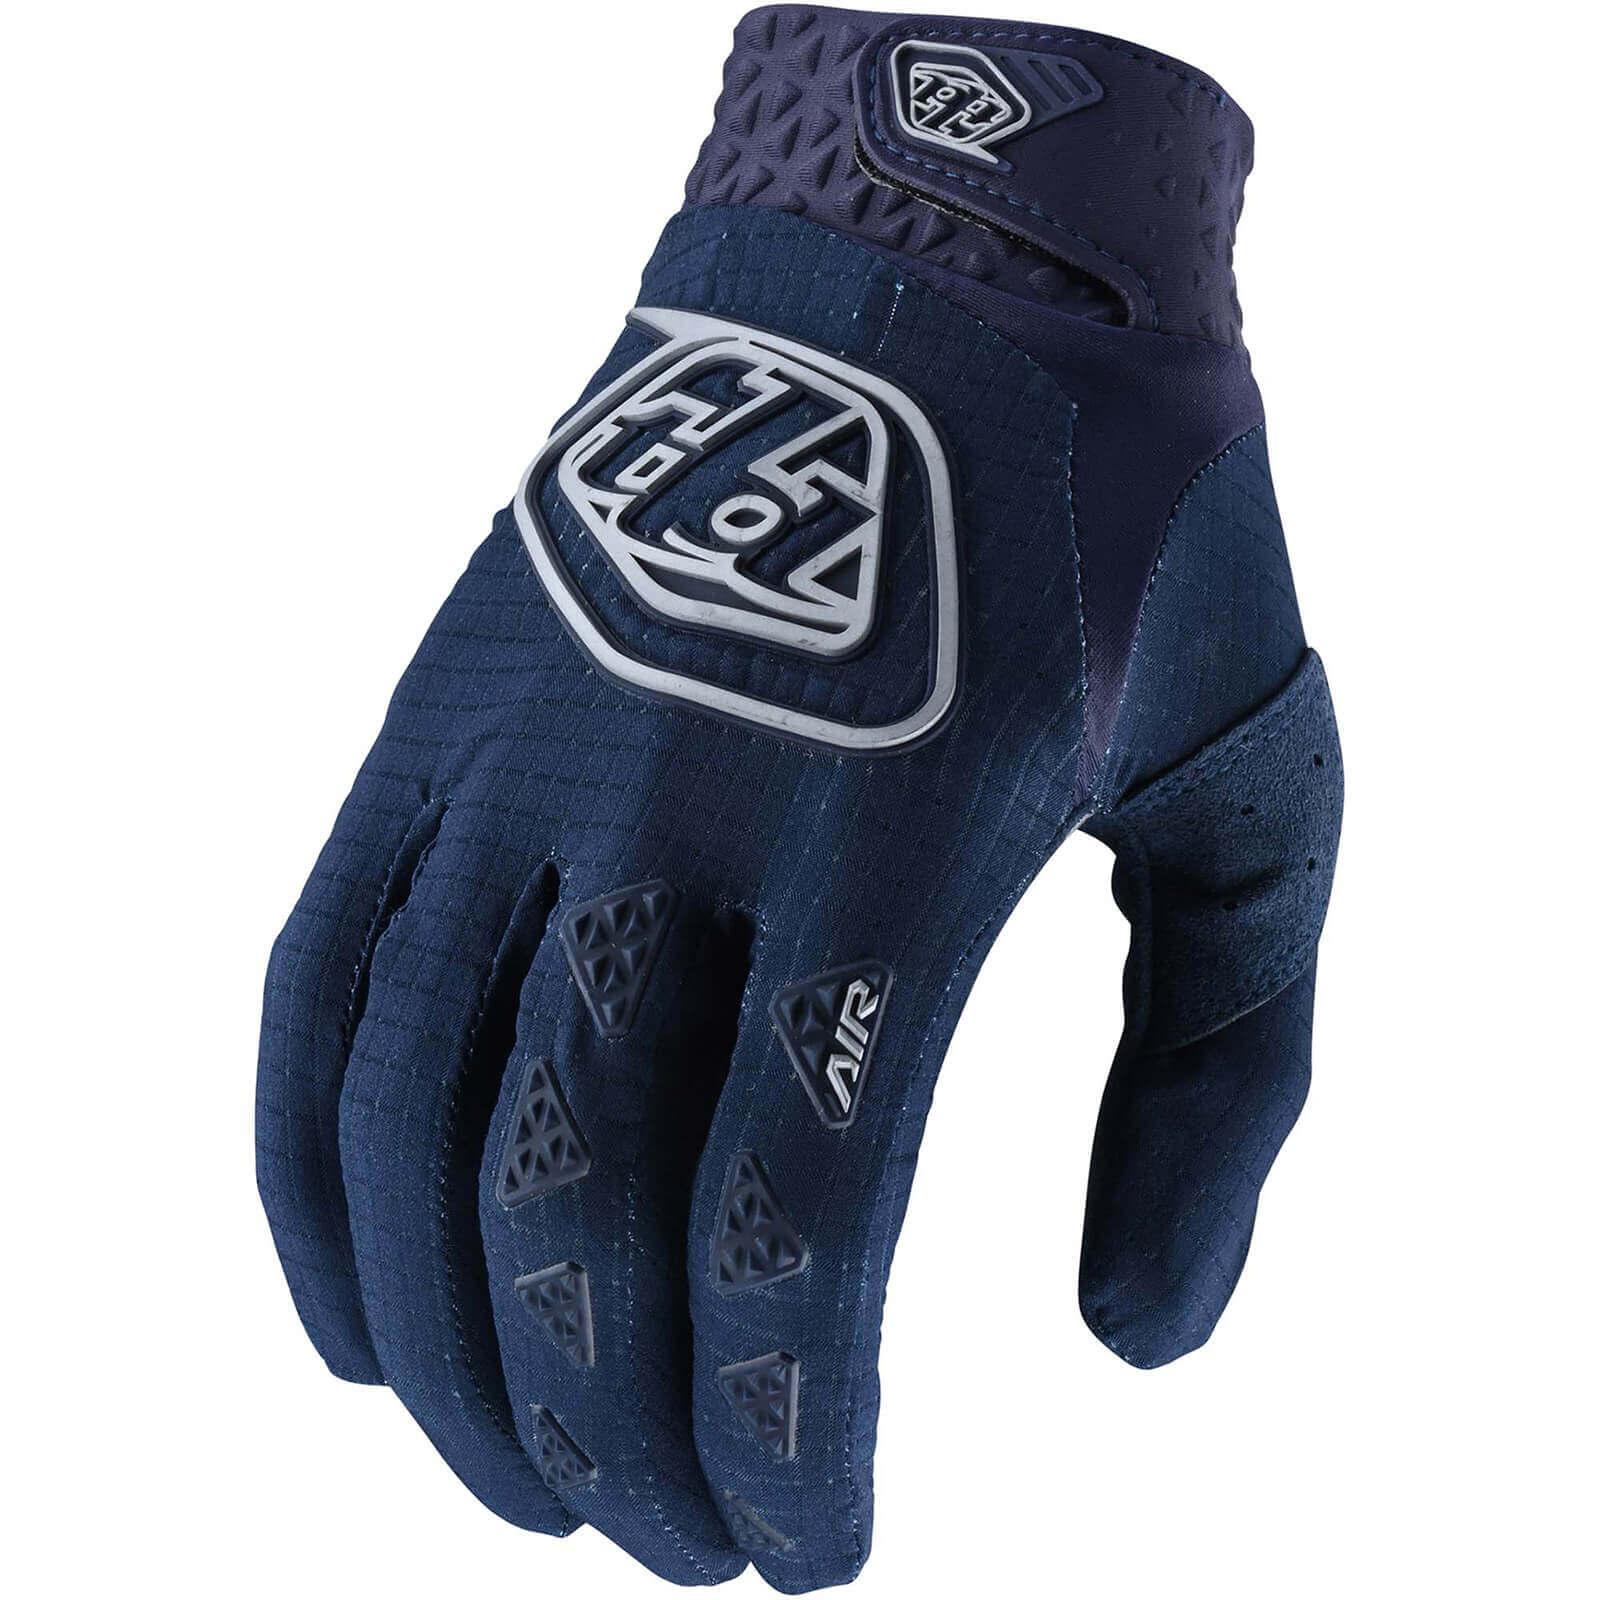 Troy Lee Designs Air 21 MTB Glove - S - Navy